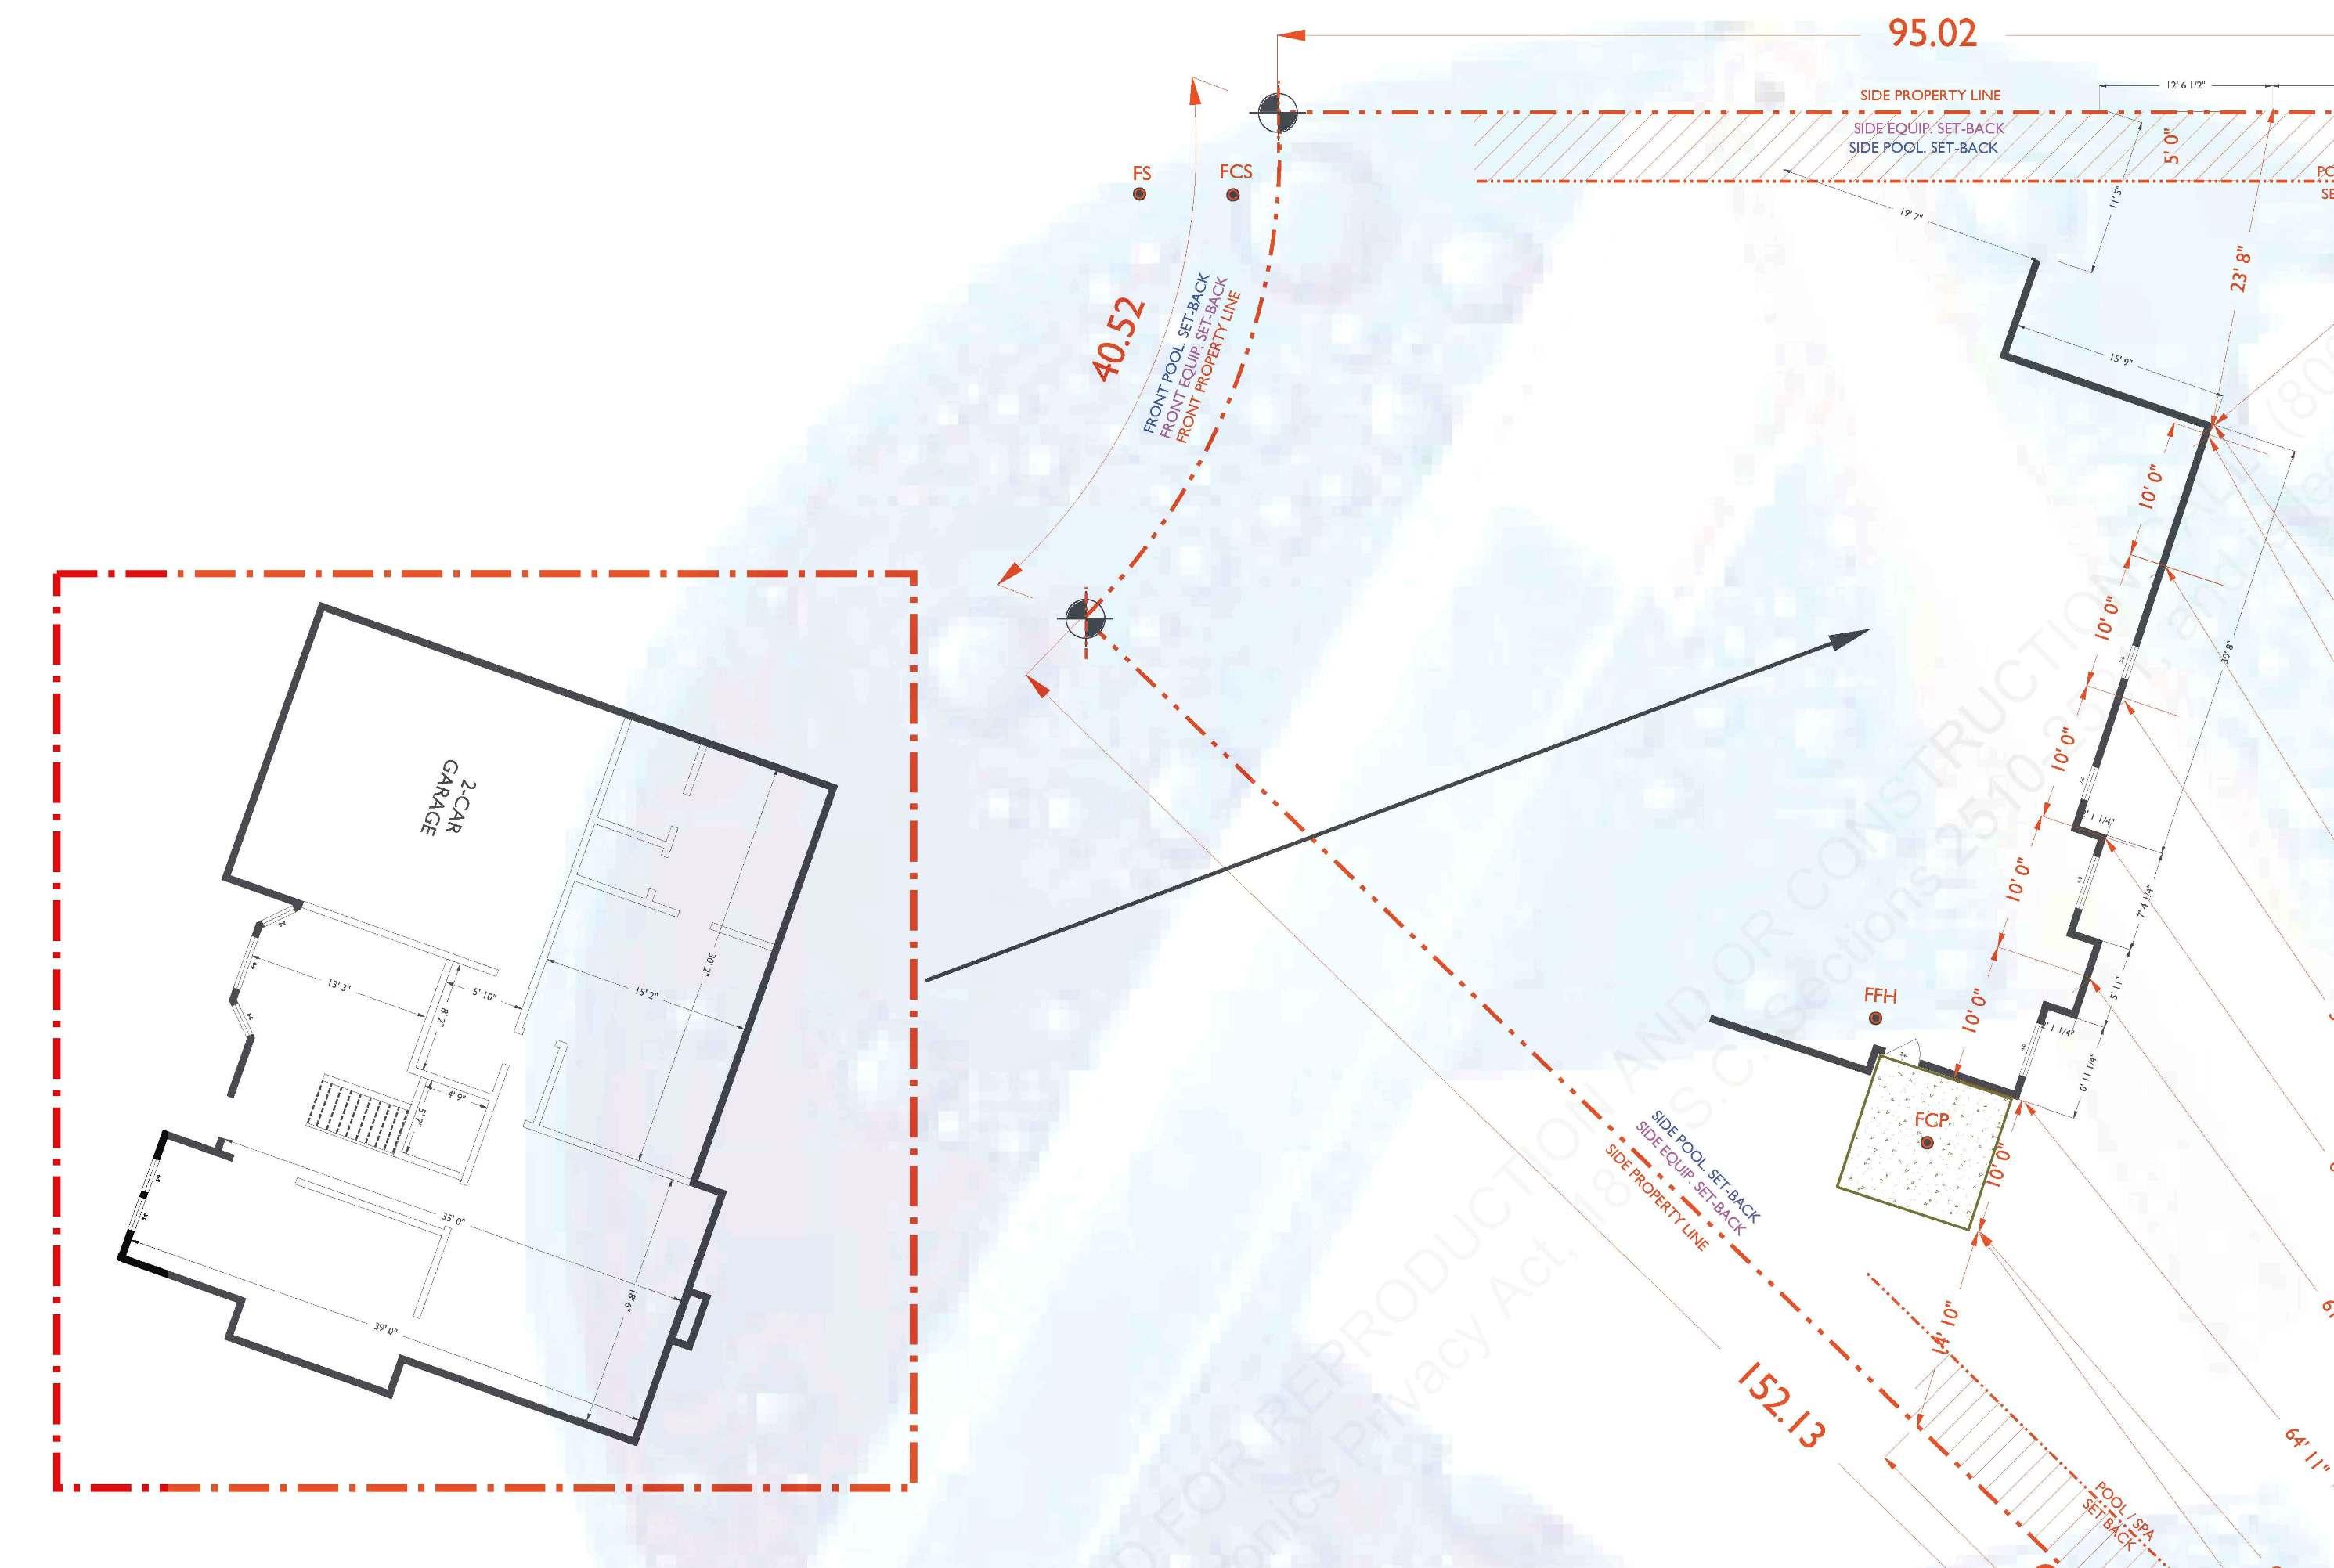 FLOOR PLAN REV-4 (Preliminary)